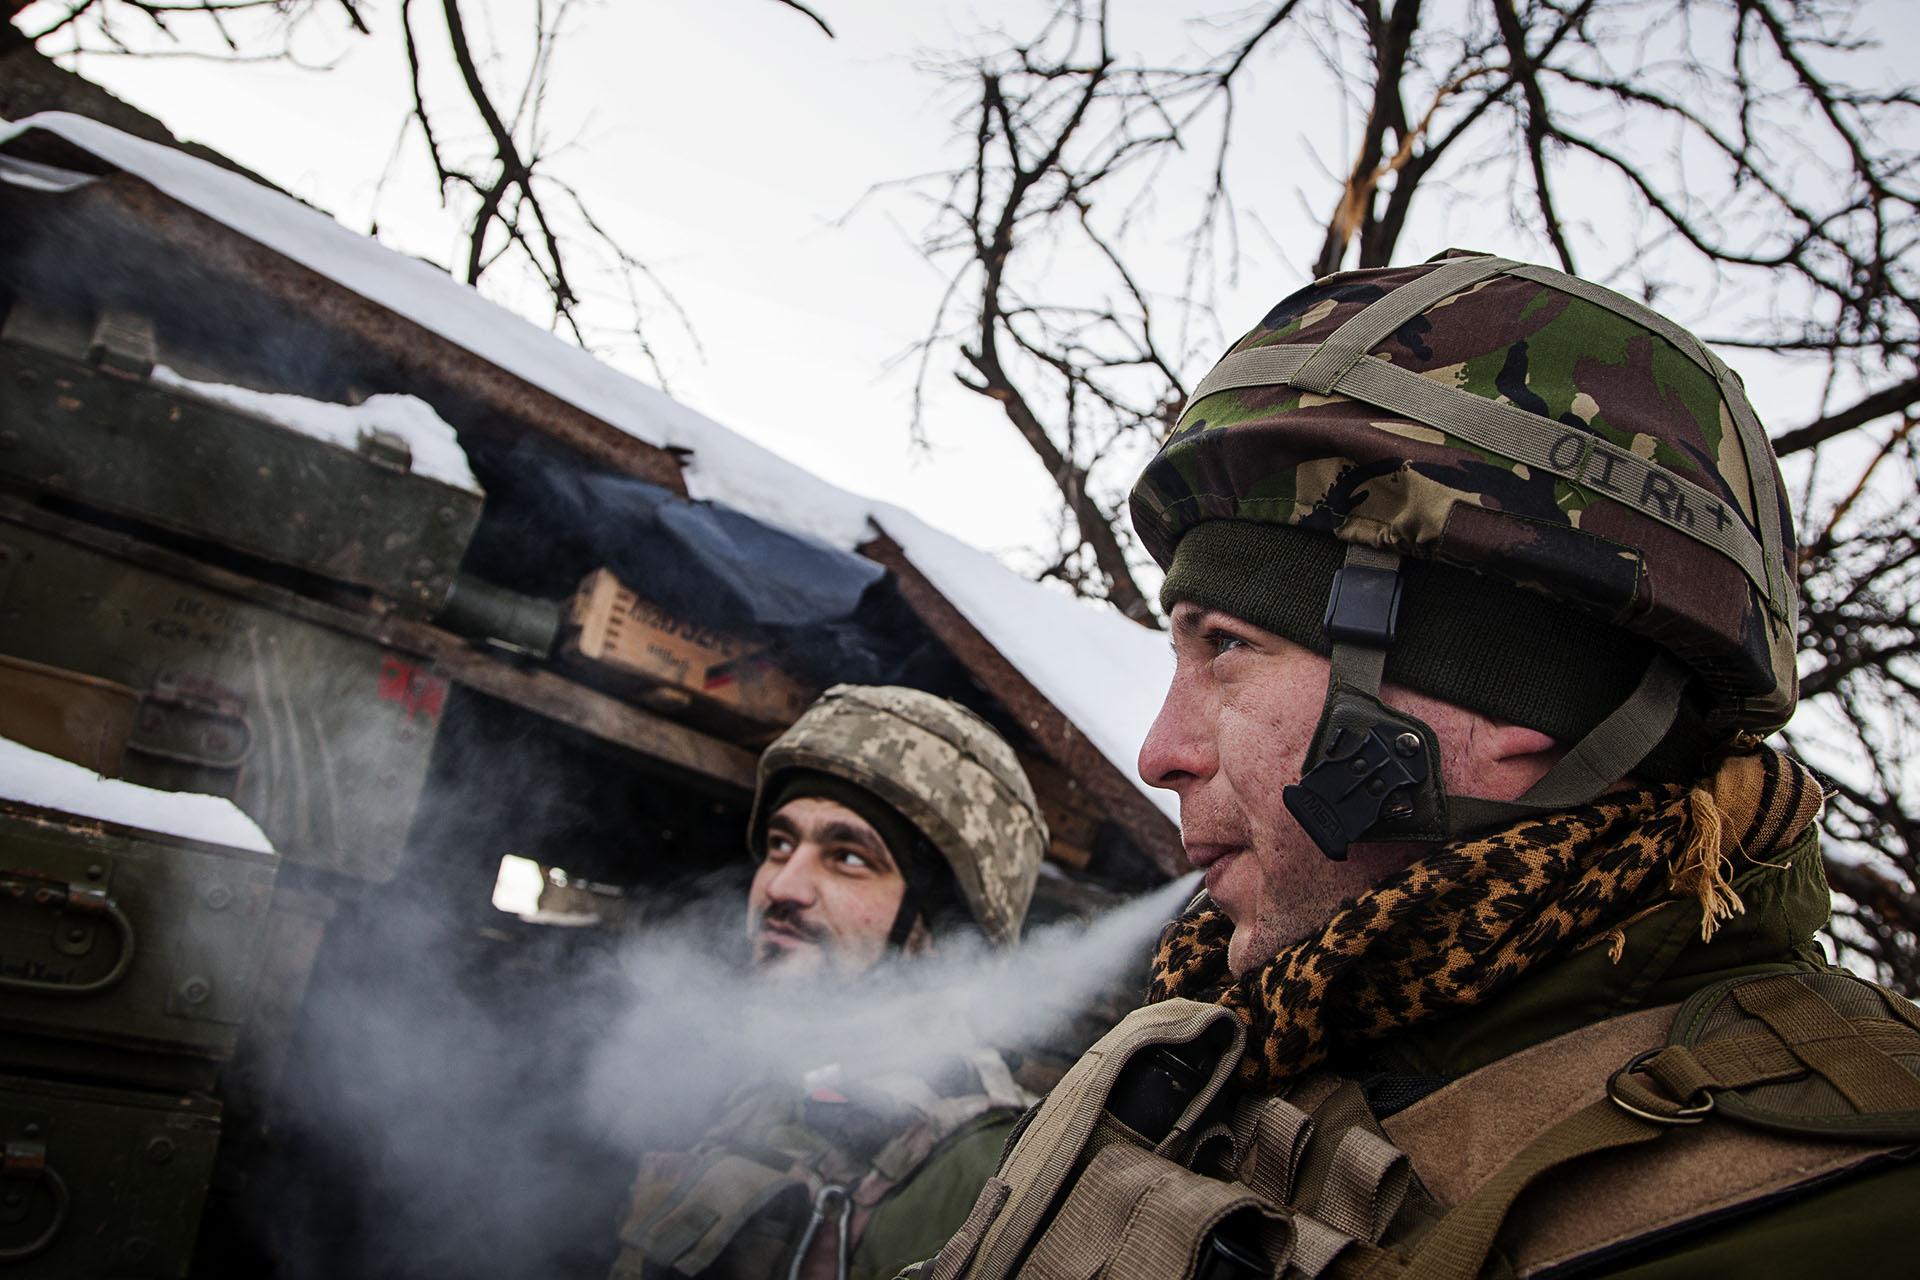 Soldados ucranianos en la línea de frente, a escasos 200 metros de las líneas rebeldes.